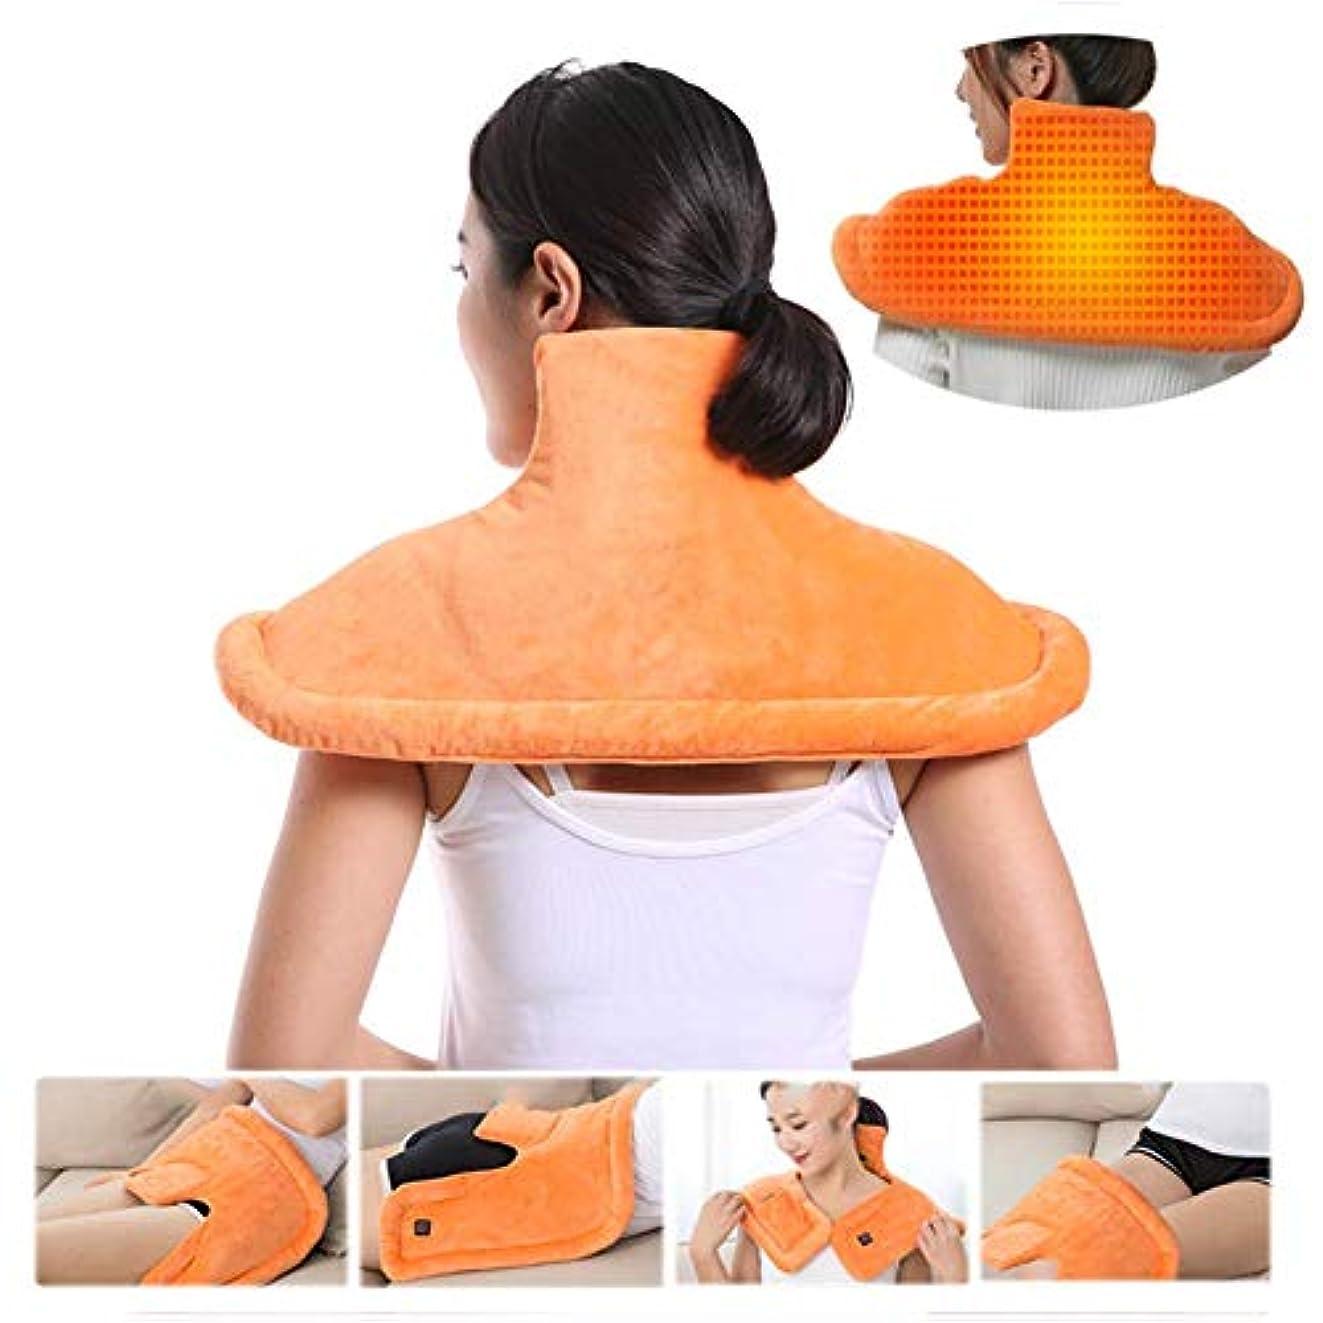 嘆願検査官学ぶSooger 電熱のストール 首の肩の背部暖房パッド、マッサージのヒートラップの熱くするショールの減圧のための調節可能な強度フルボディマッサージ首の肩暖房湿った熱療法のパッド